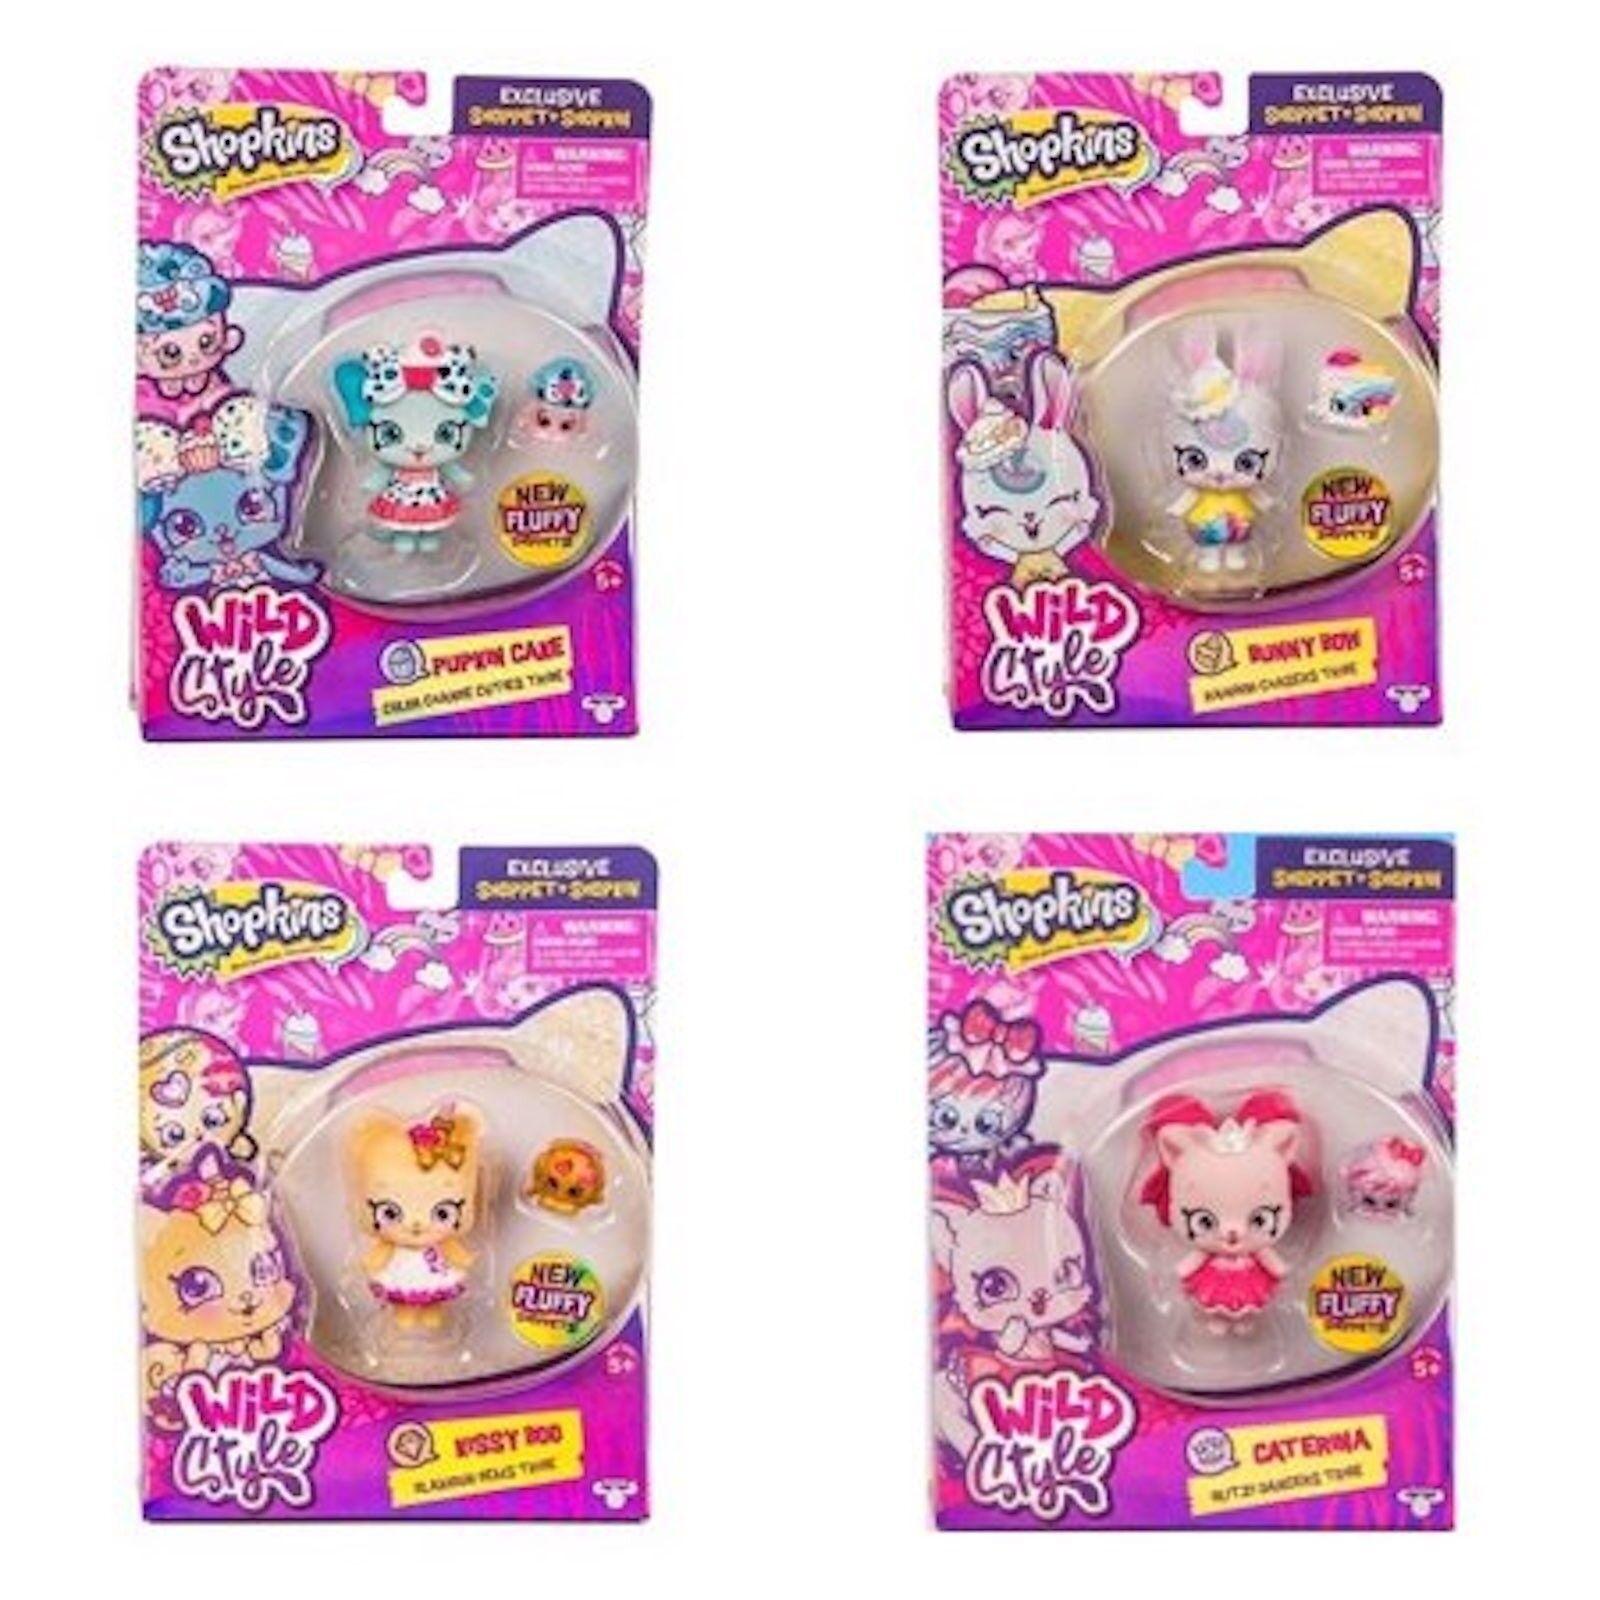 Shopkins Wild Style Season 9 Shoppet Pupkin Cake,Bunny Bow, Kissy Boo & Caterina